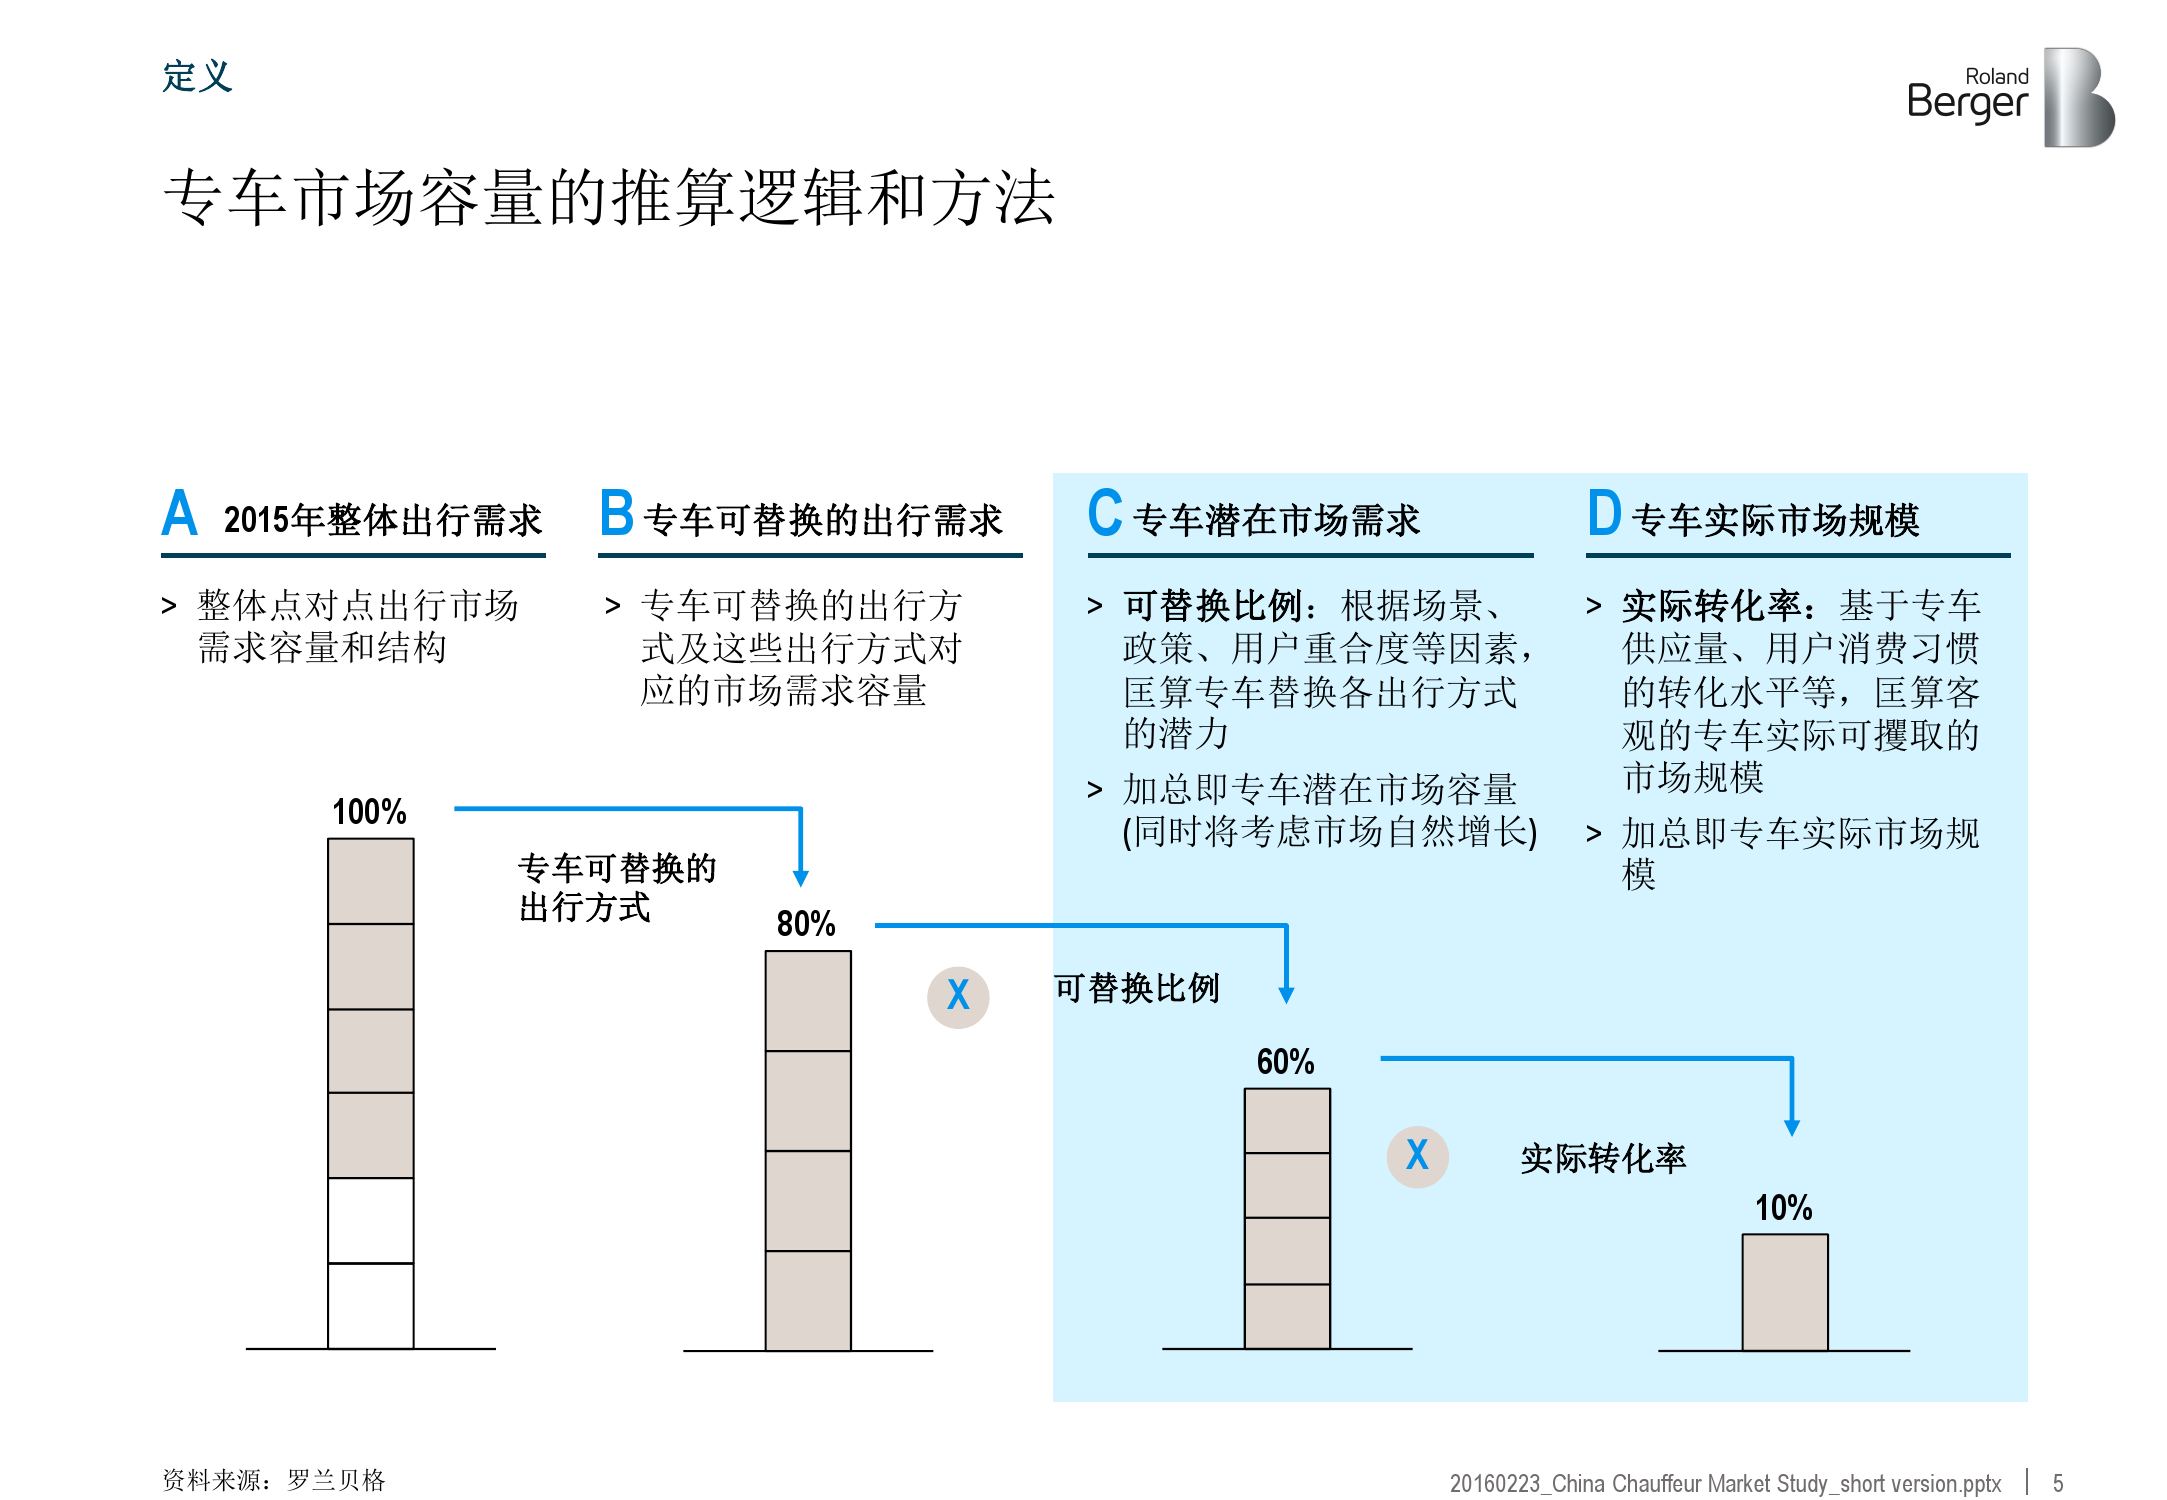 2016年中国专车市场分析报告_000005